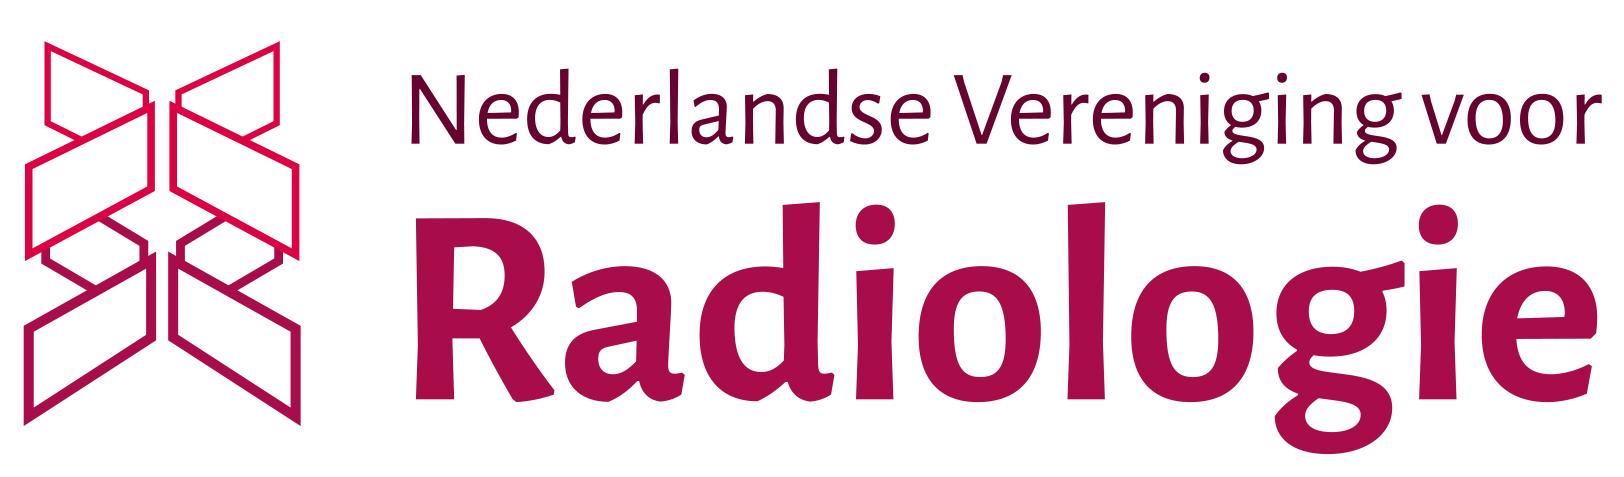 Nederlandse vereniging voor radiologen